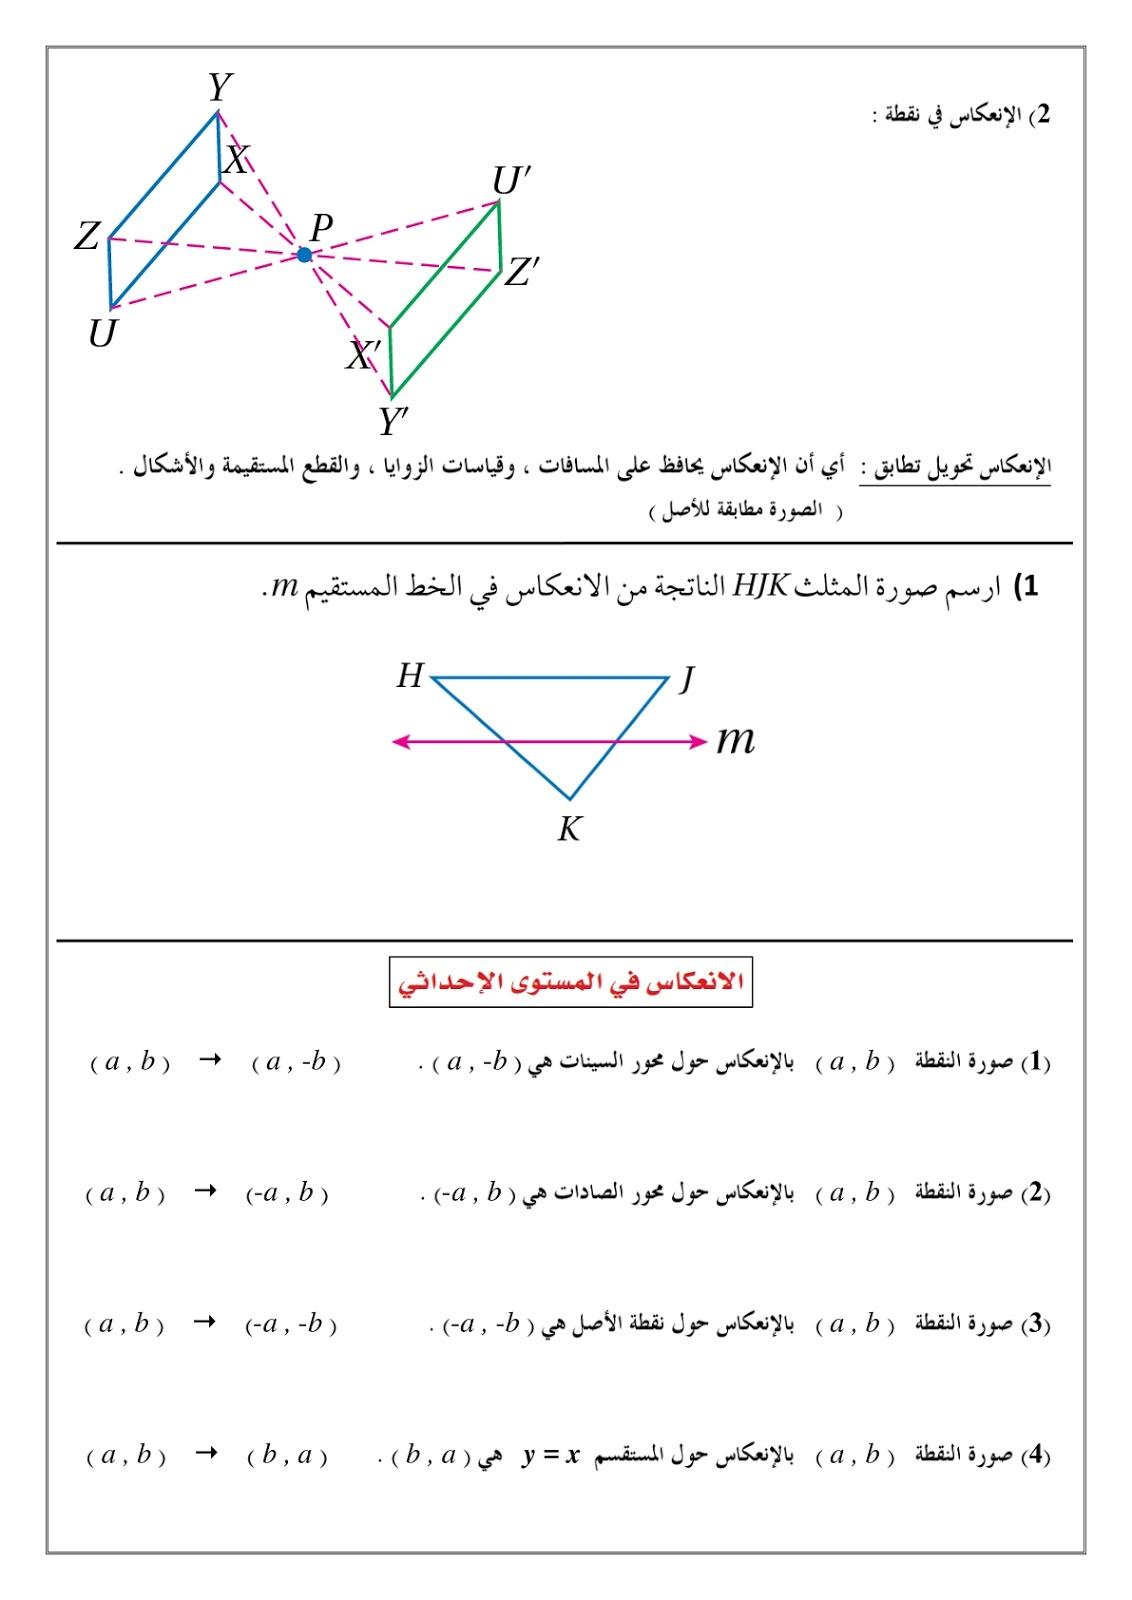 رياضيات الانعكاس المستوى الثاني رياضيات الفصل الثاني المناهج السعودية